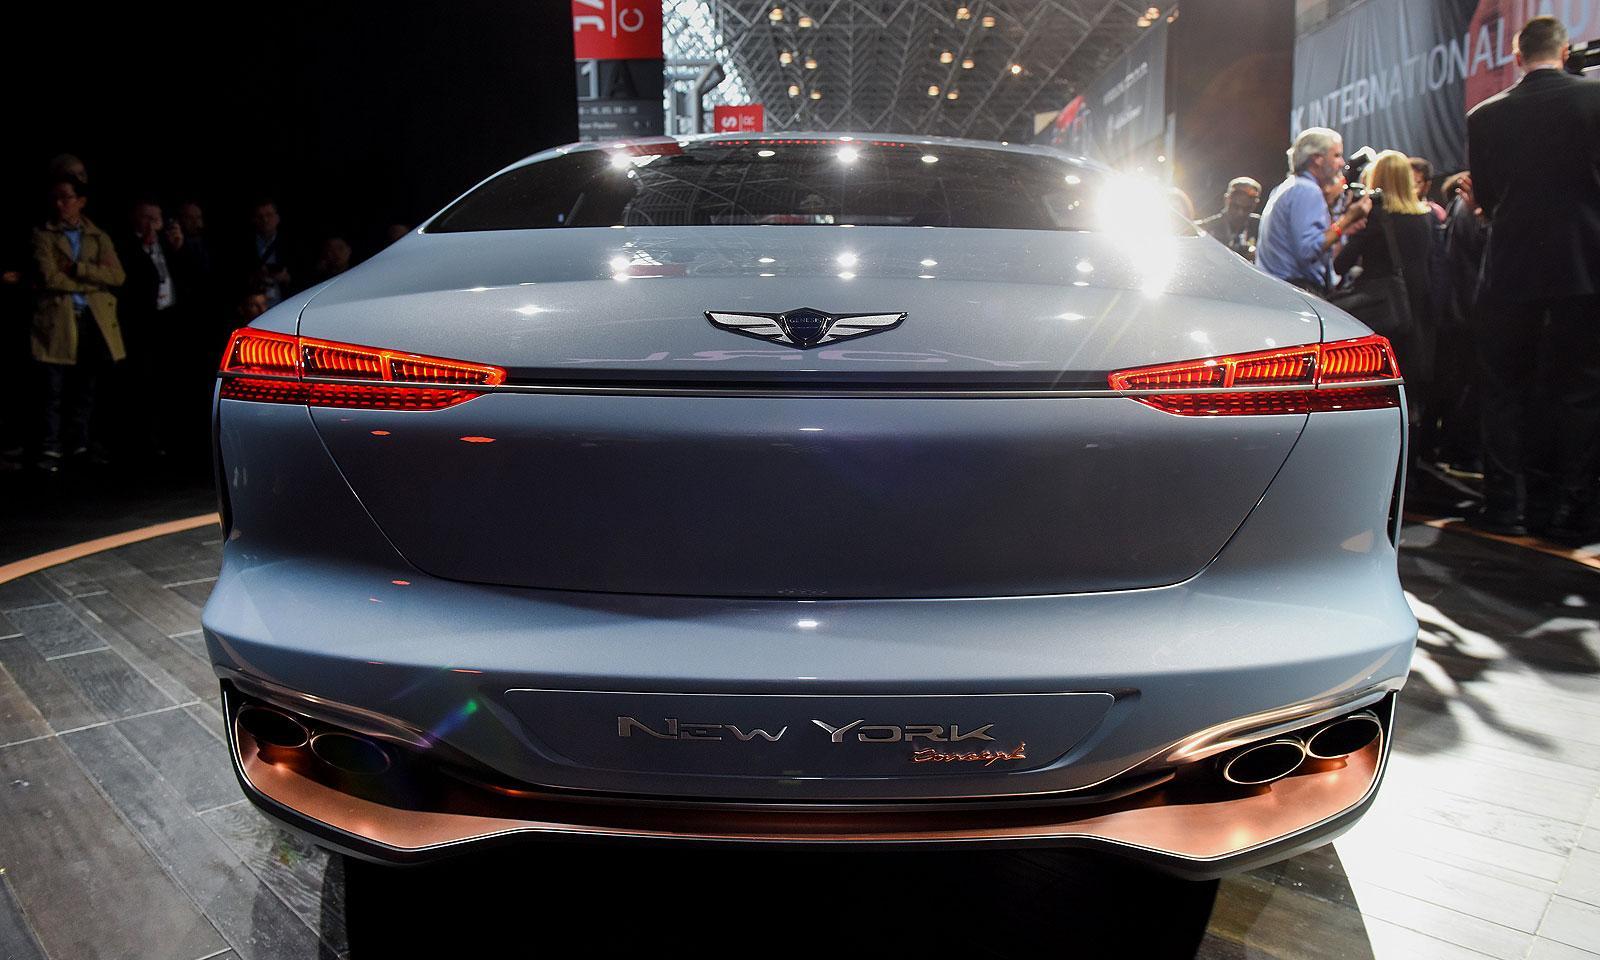 رونمایی از طرح های  جدید خودروهای برقی هیوندای